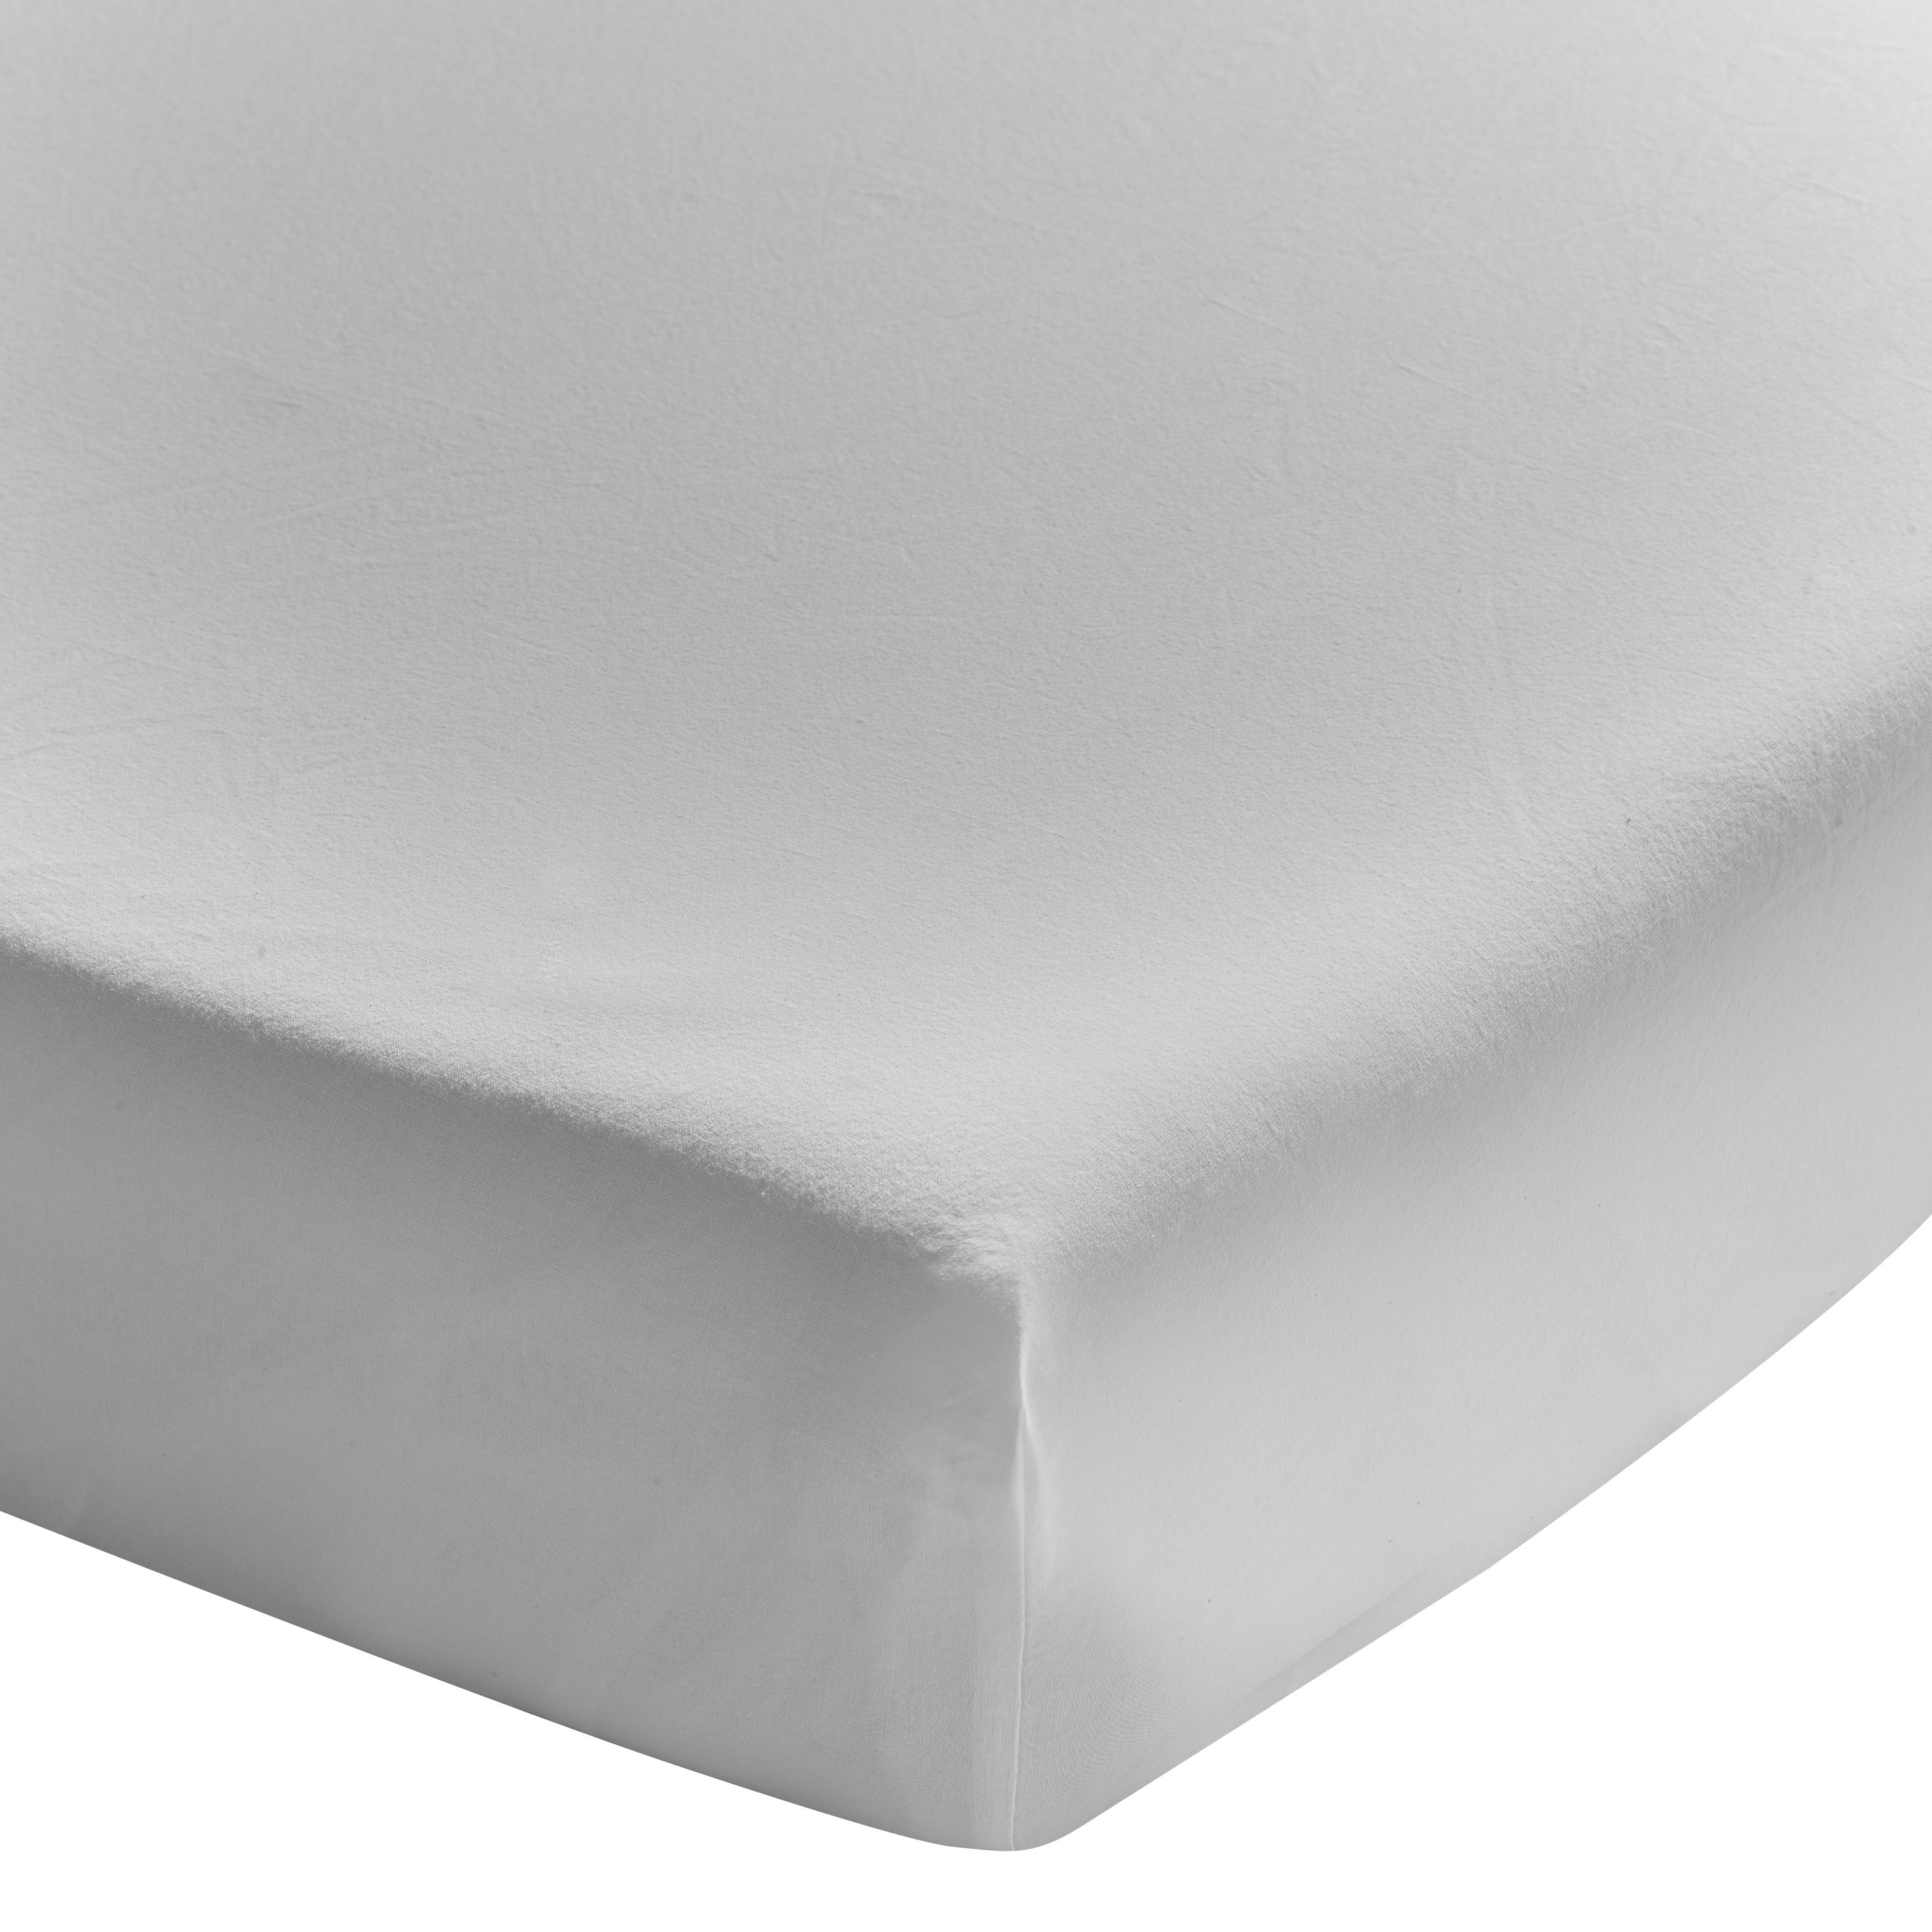 Drap housse uni en coton lavé gris Mastic 140x200